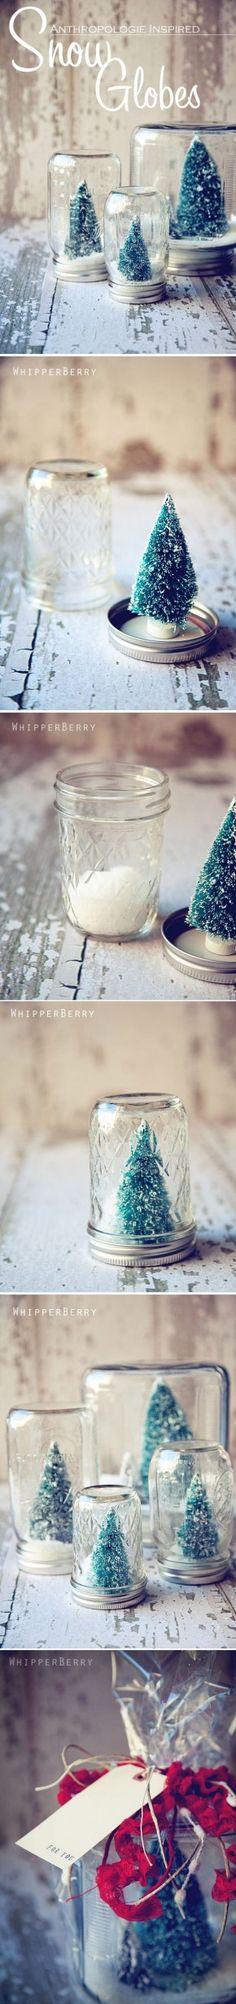 DIY idee, je eigen sneeuwbol maken voor deze kerst en winter. #christmas